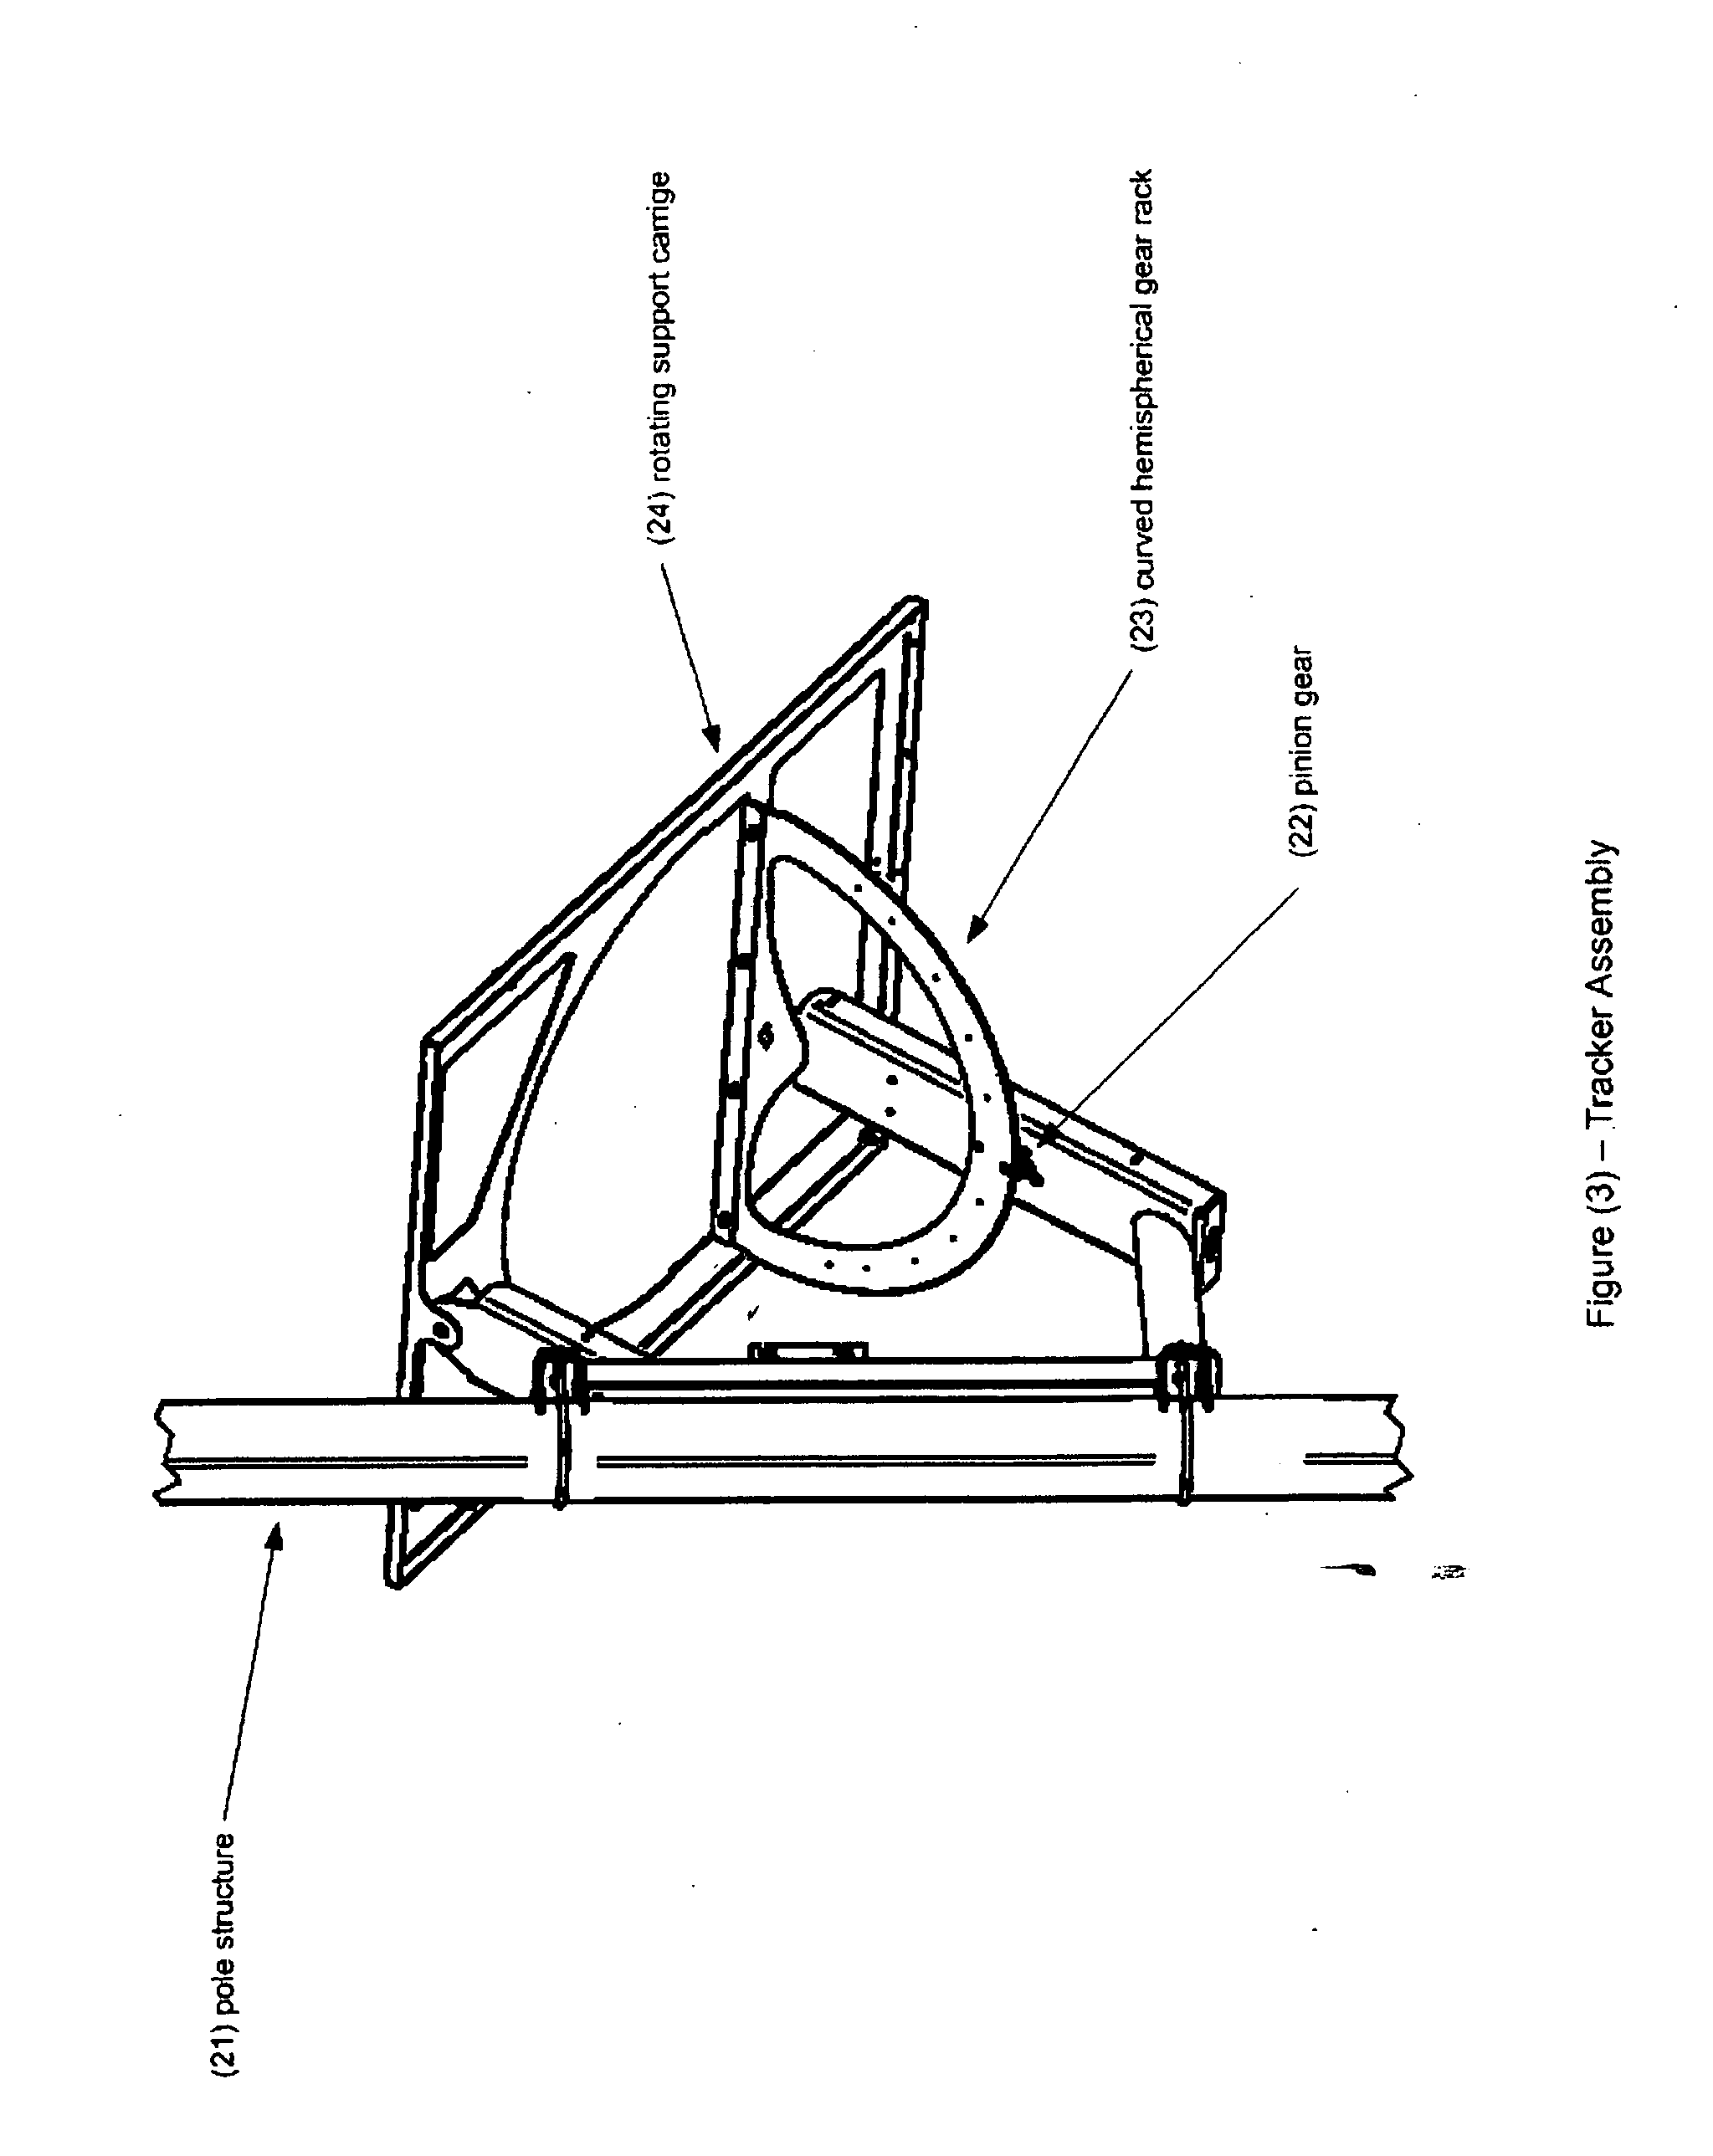 patent us20120227788